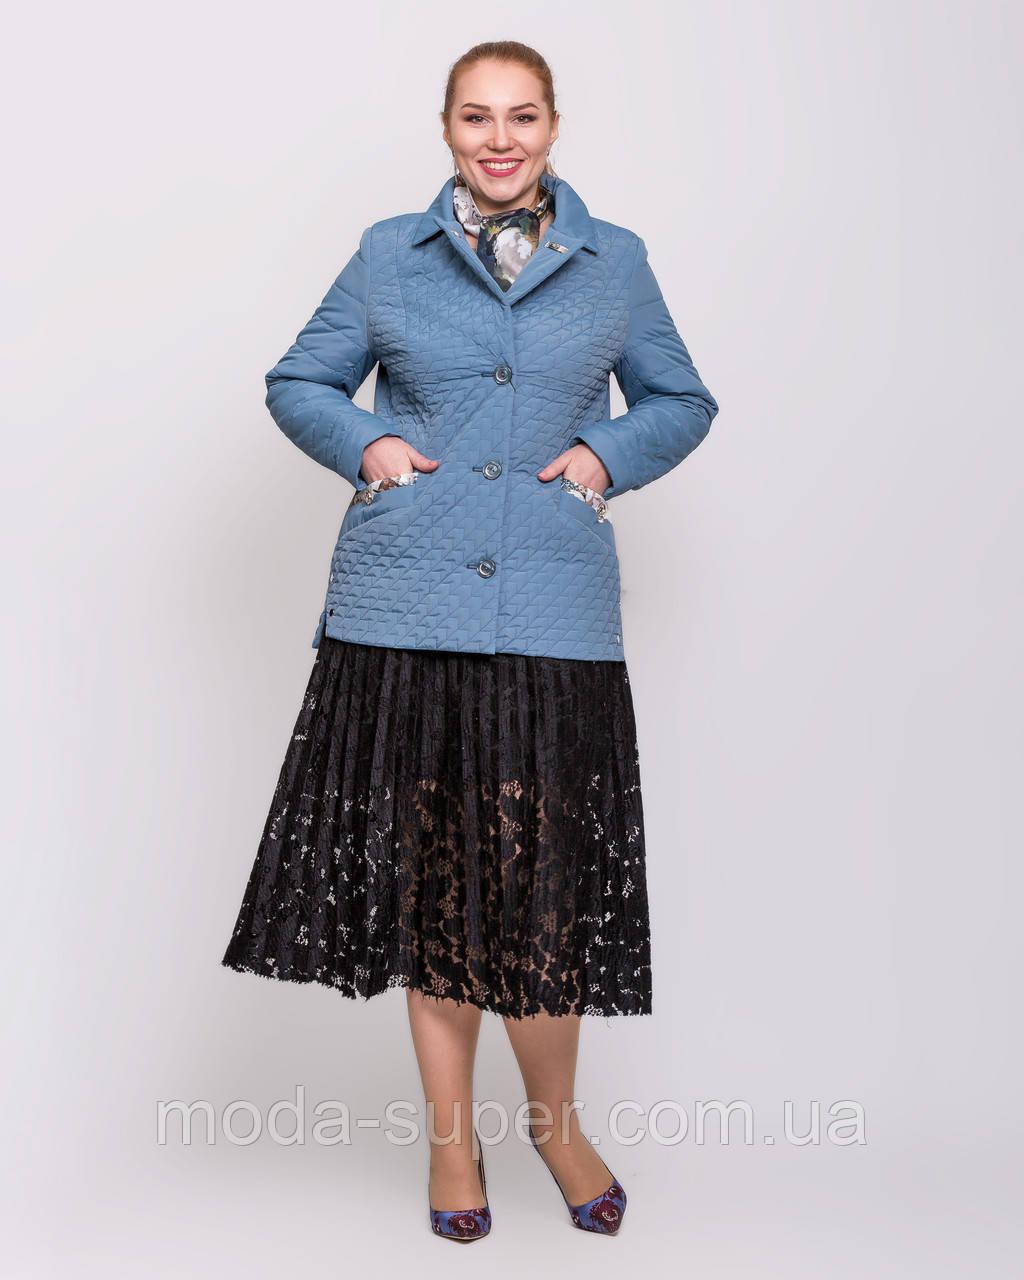 Женская куртка-пиджак с шарфом цвет джинс  рр 48-60